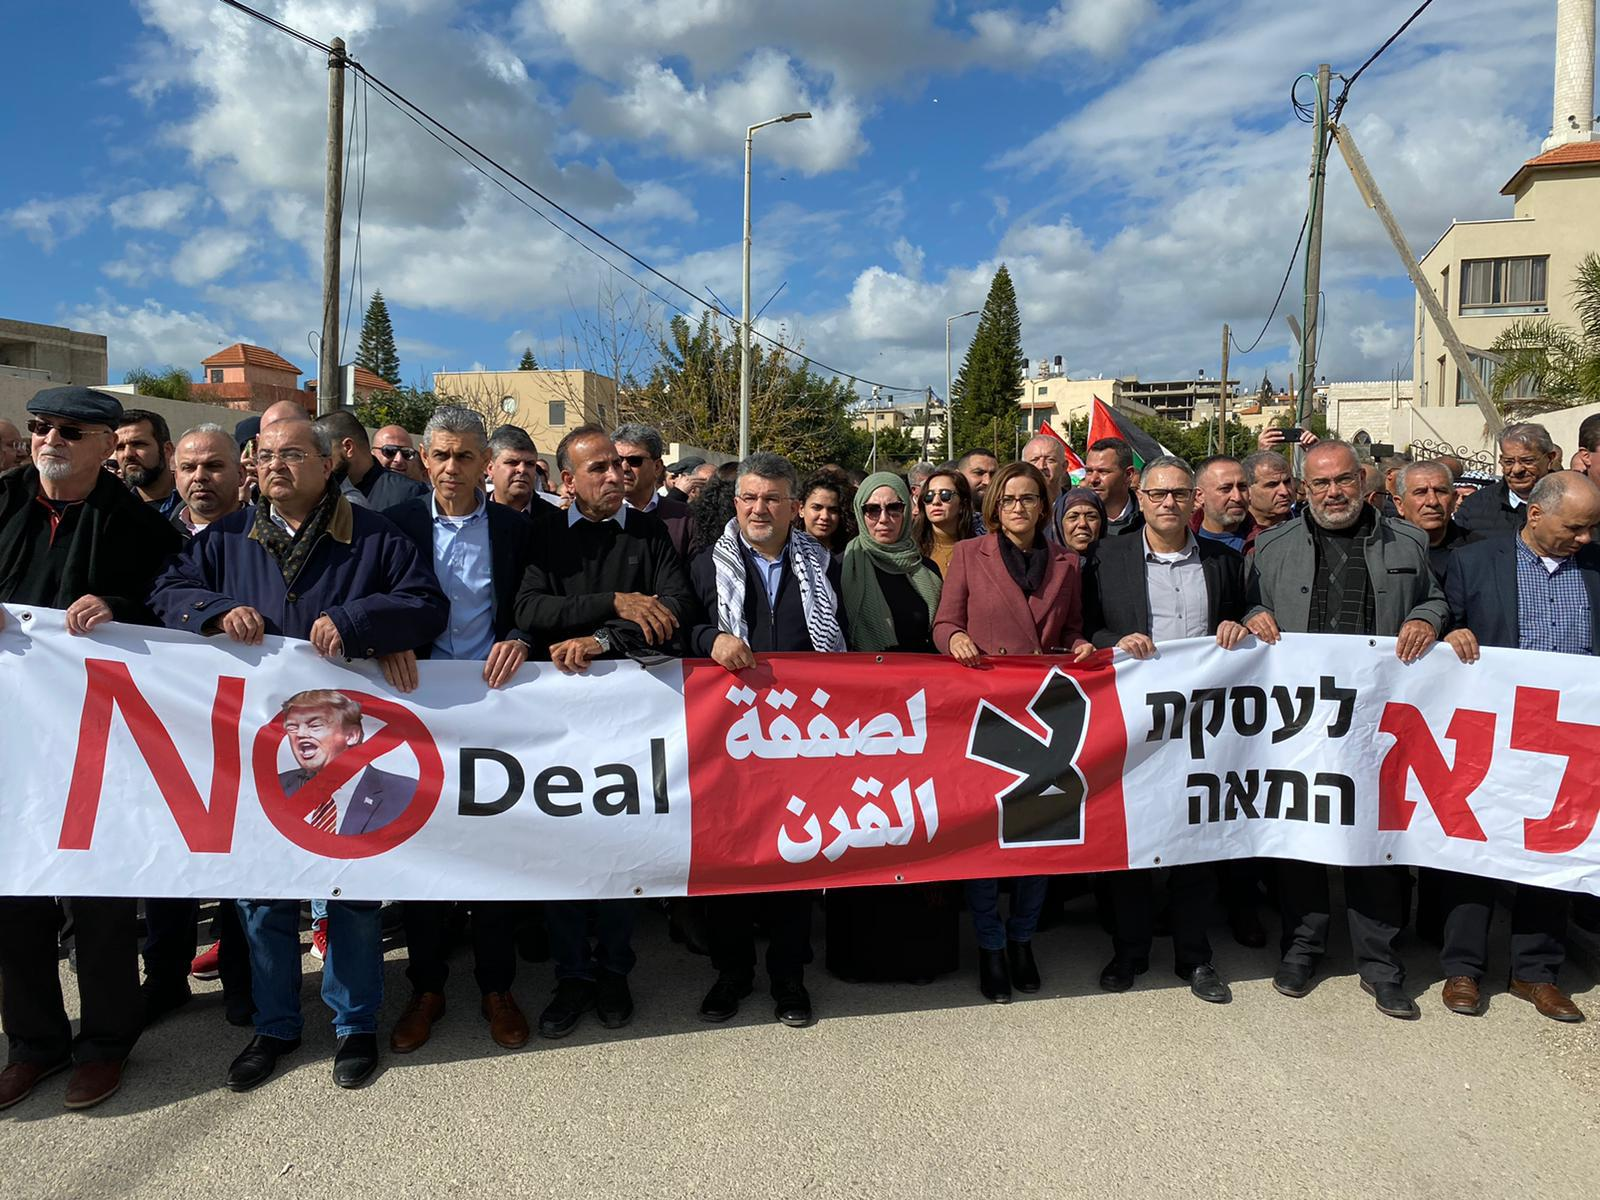 арабская общественность израиль фото